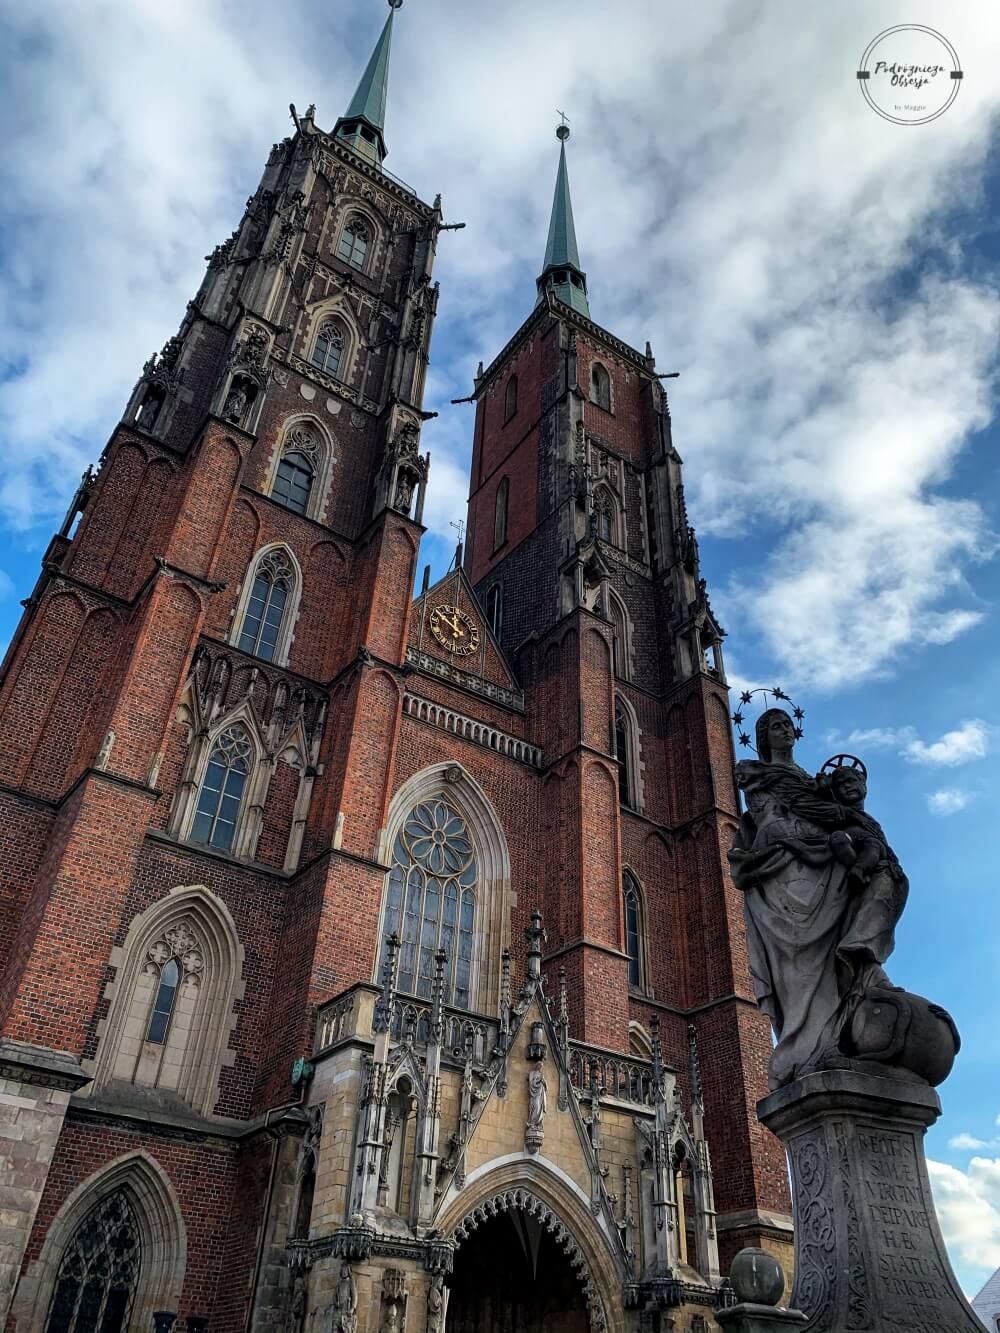 Ostrów Tumski we Wrocławiu - zabytki i atrakcje turystyczne, które warto zobaczyć.